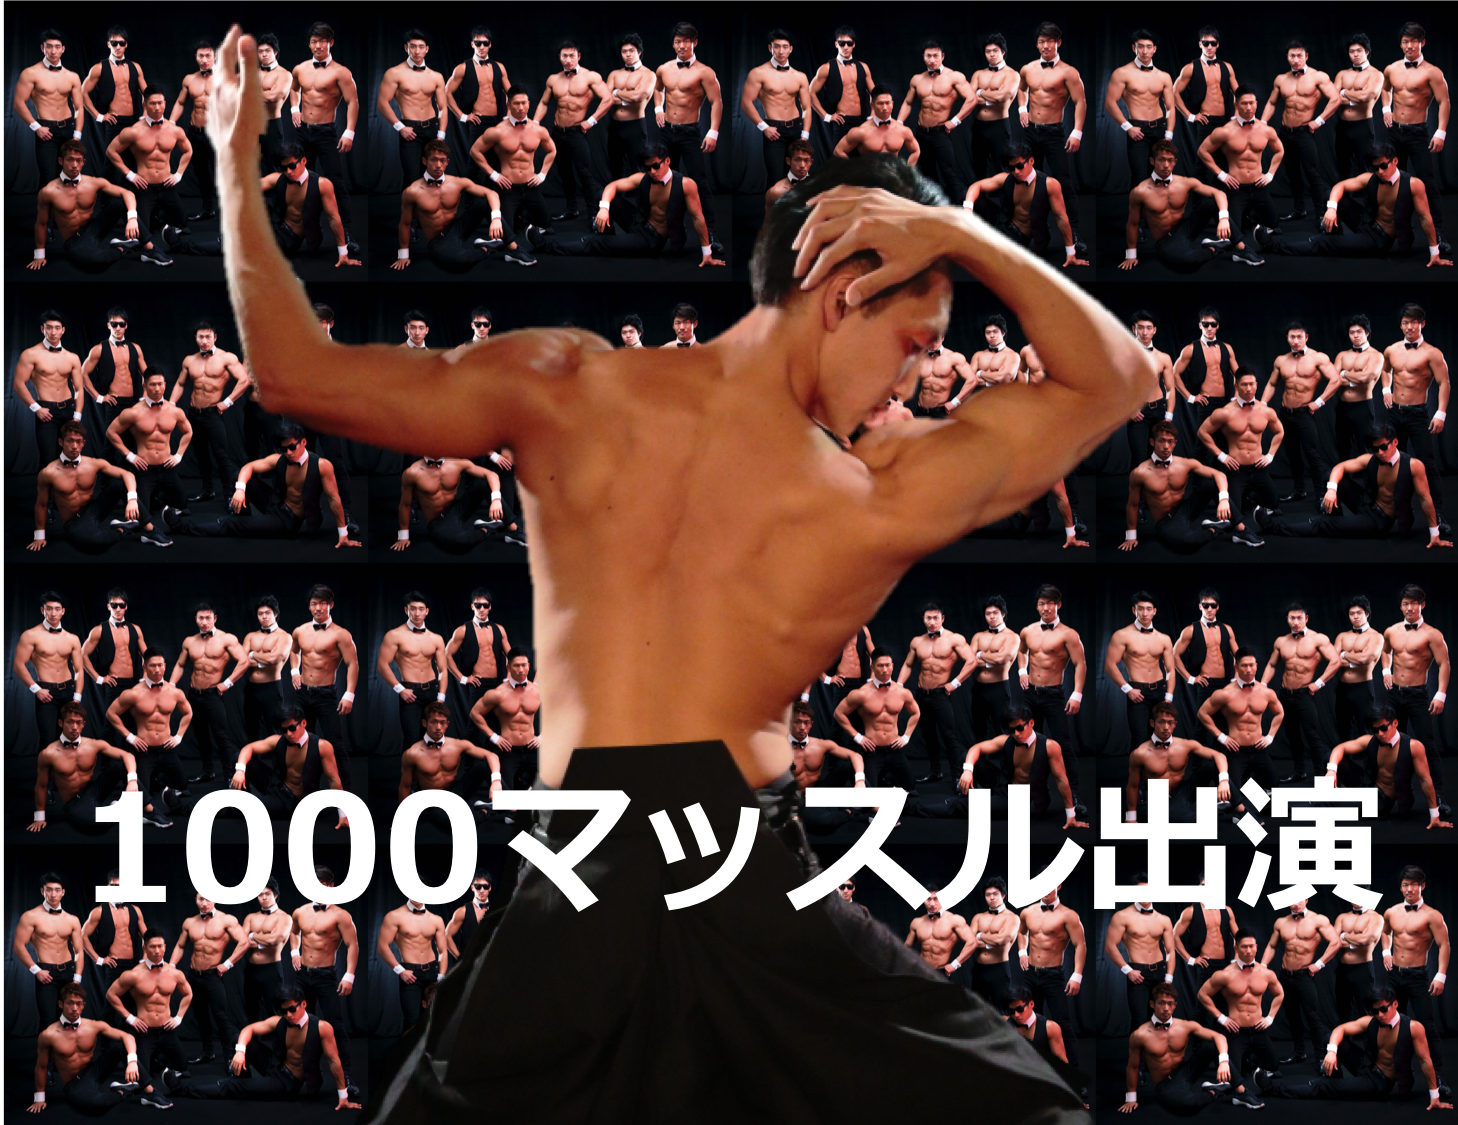 1000マッスル出演